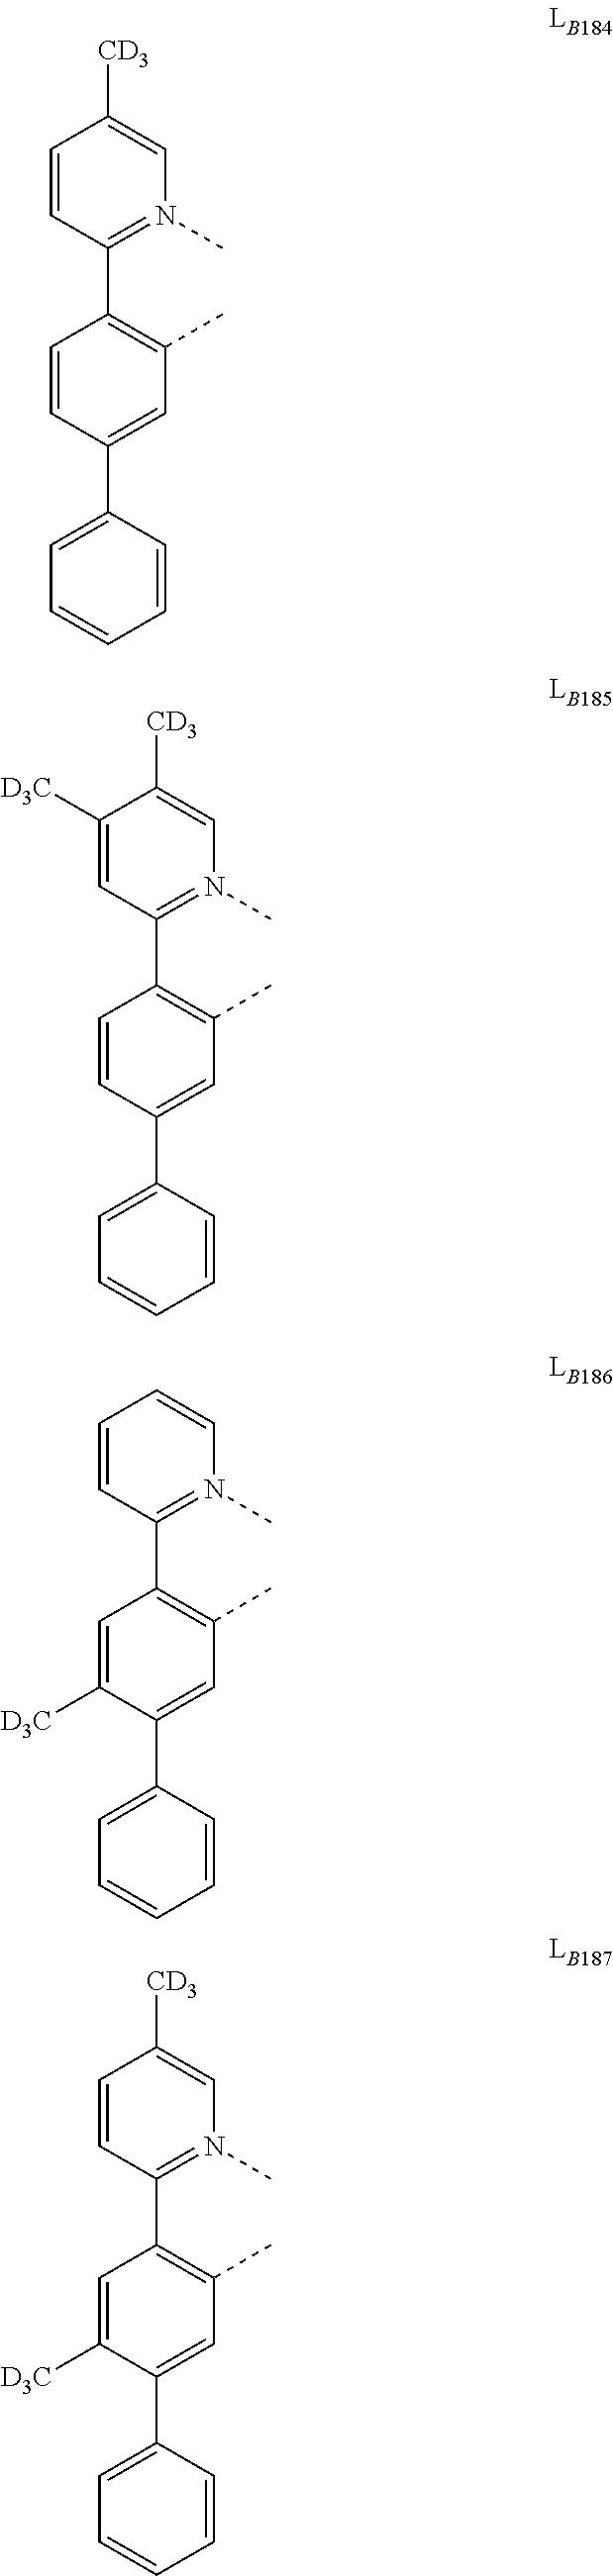 Figure US09929360-20180327-C00254